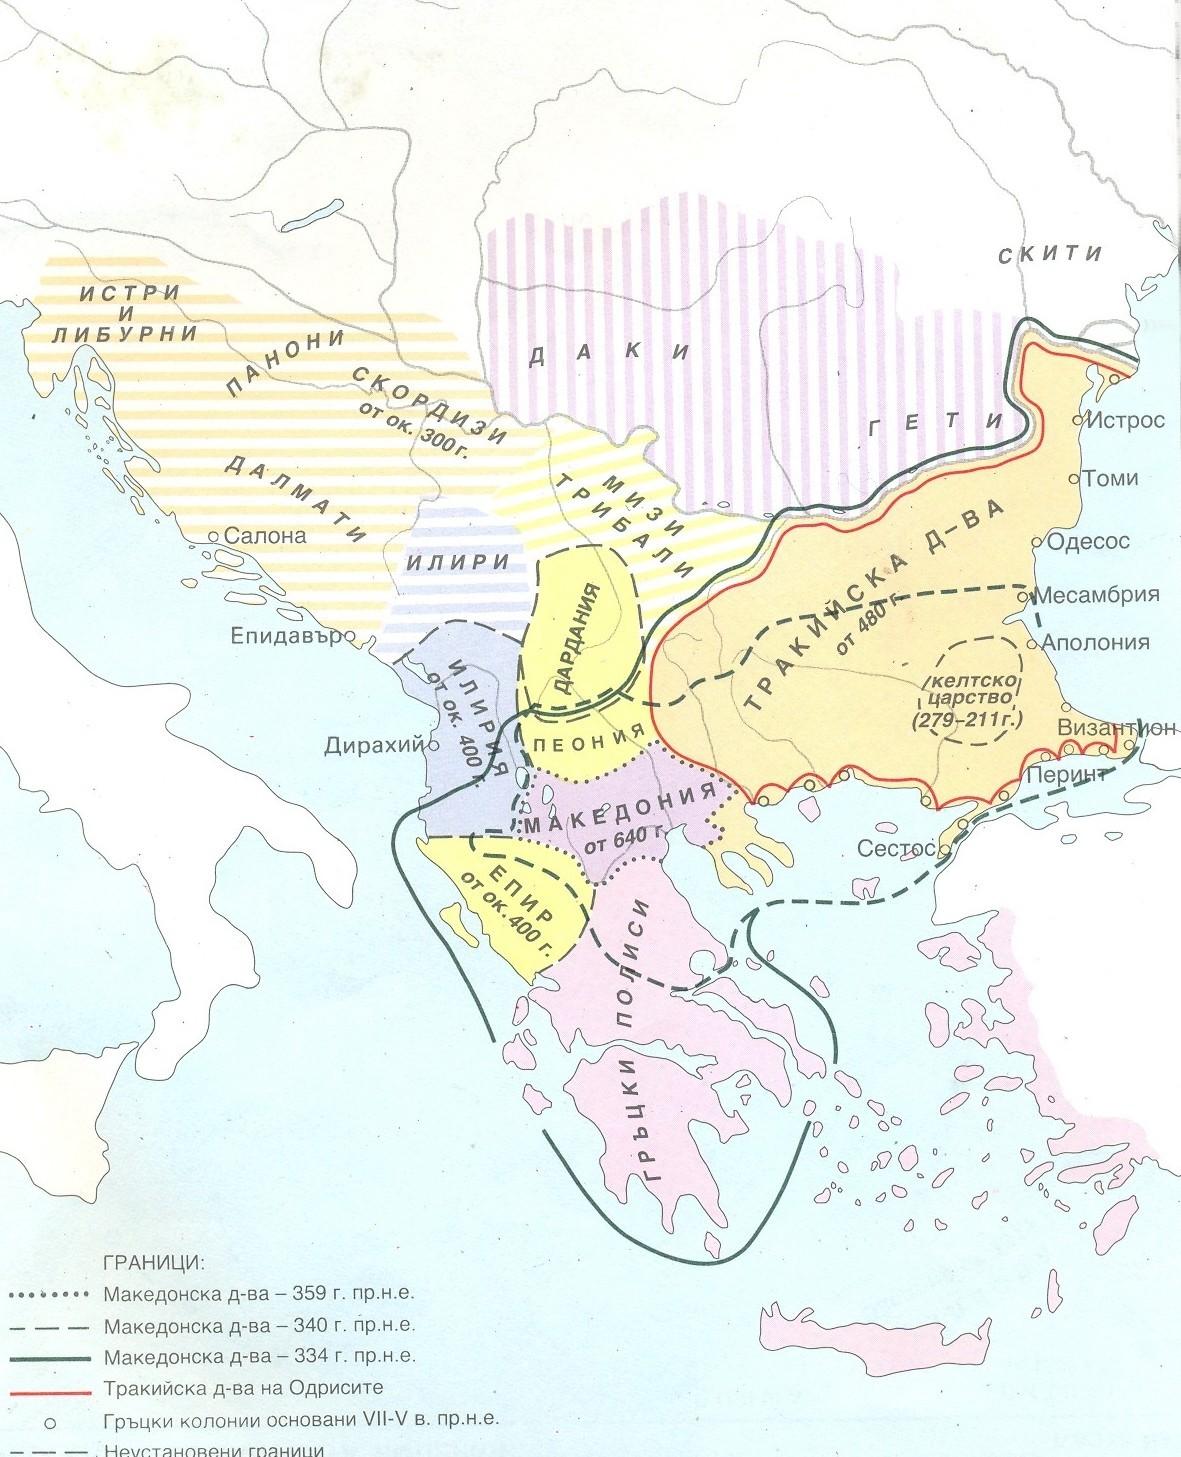 Карта на Балканския полуостров през древността